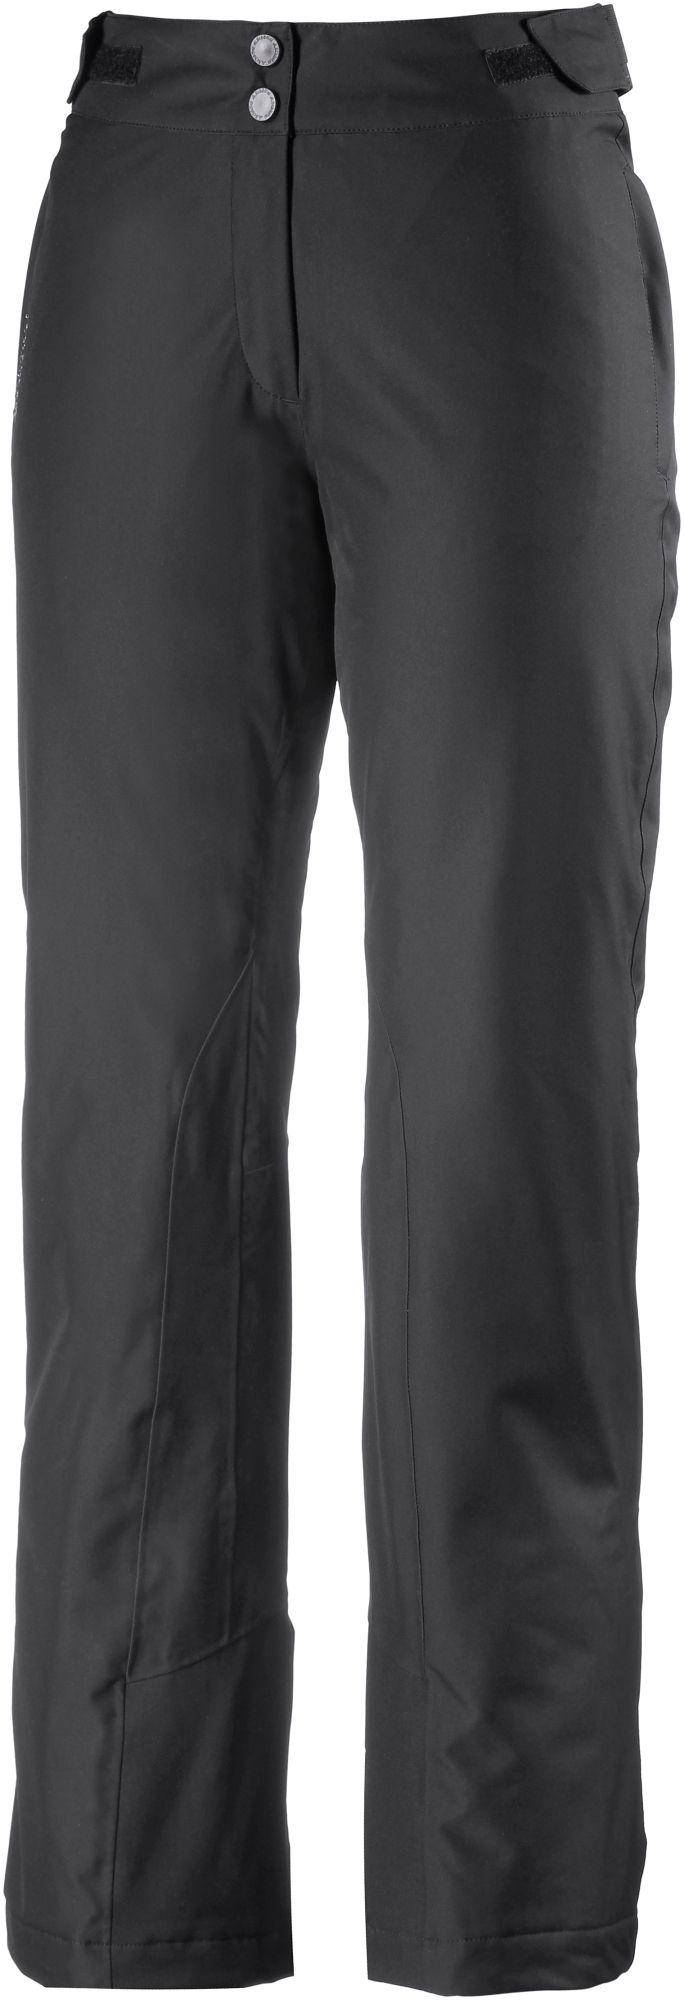 Pinzgau Skihose Damen in schwarz, Größe 48